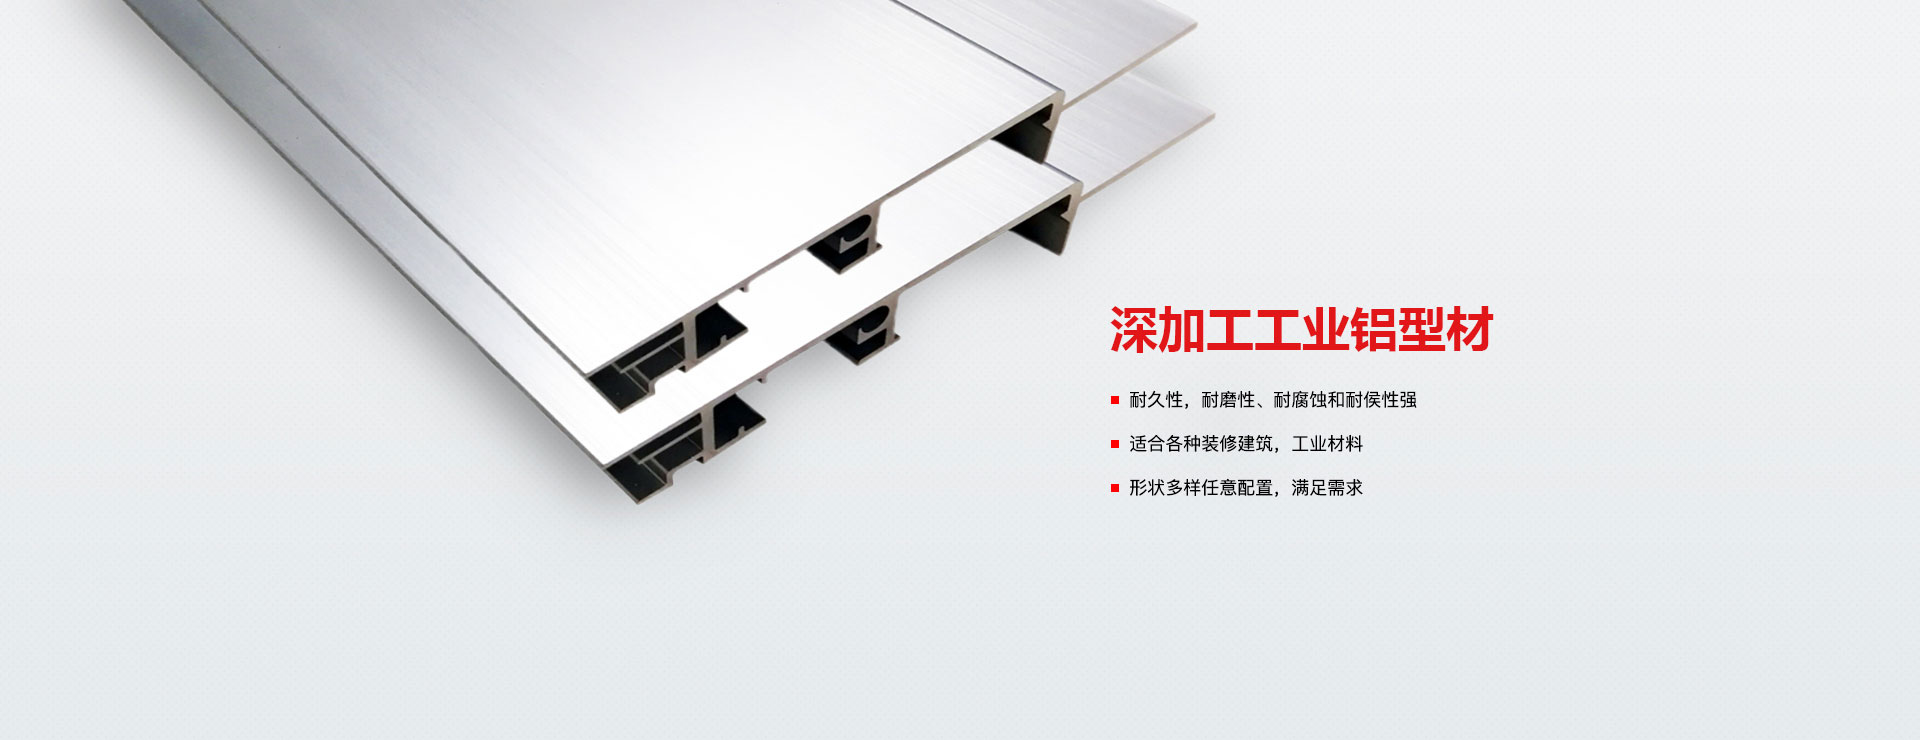 深加工工业铝型材